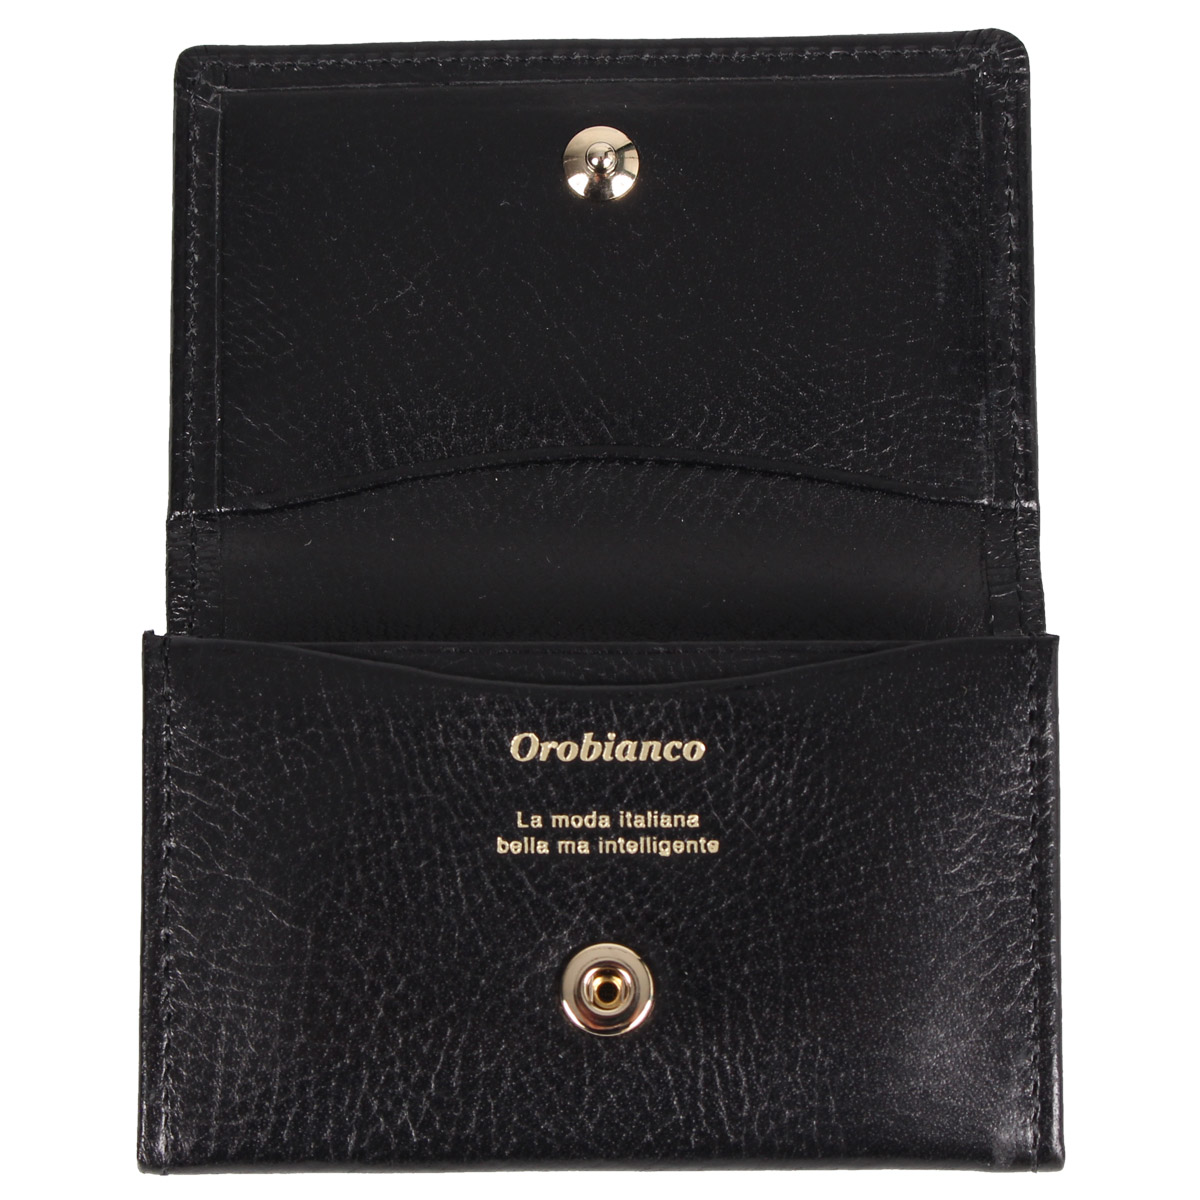 Orobianco COIN CASE オロビアンコ 財布 小銭入れ コインケース メンズ 本革 ブラック 黒 ORS 030653jL4AR